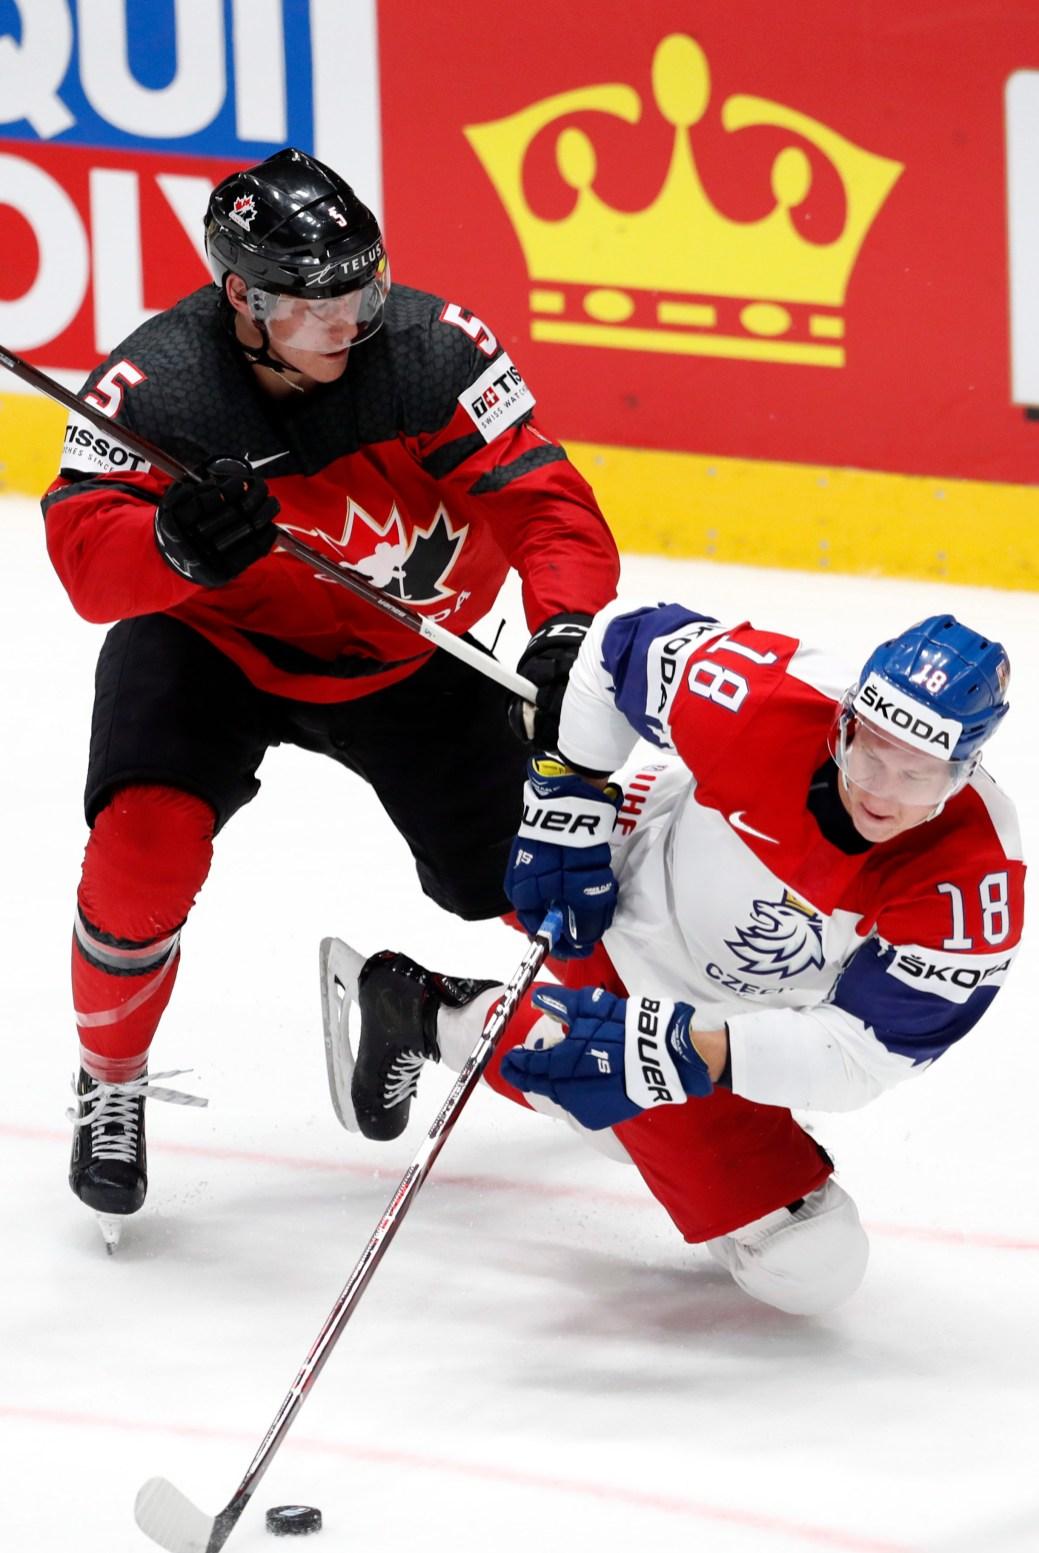 Philippe Myers (5), du Canada, met en échec Ondrej Palat, de la République tchèque, dans le match de demi-finale du Championnat mondial de hockey, samedi, en Slovaquie. - Associated Press: Petr David Josek